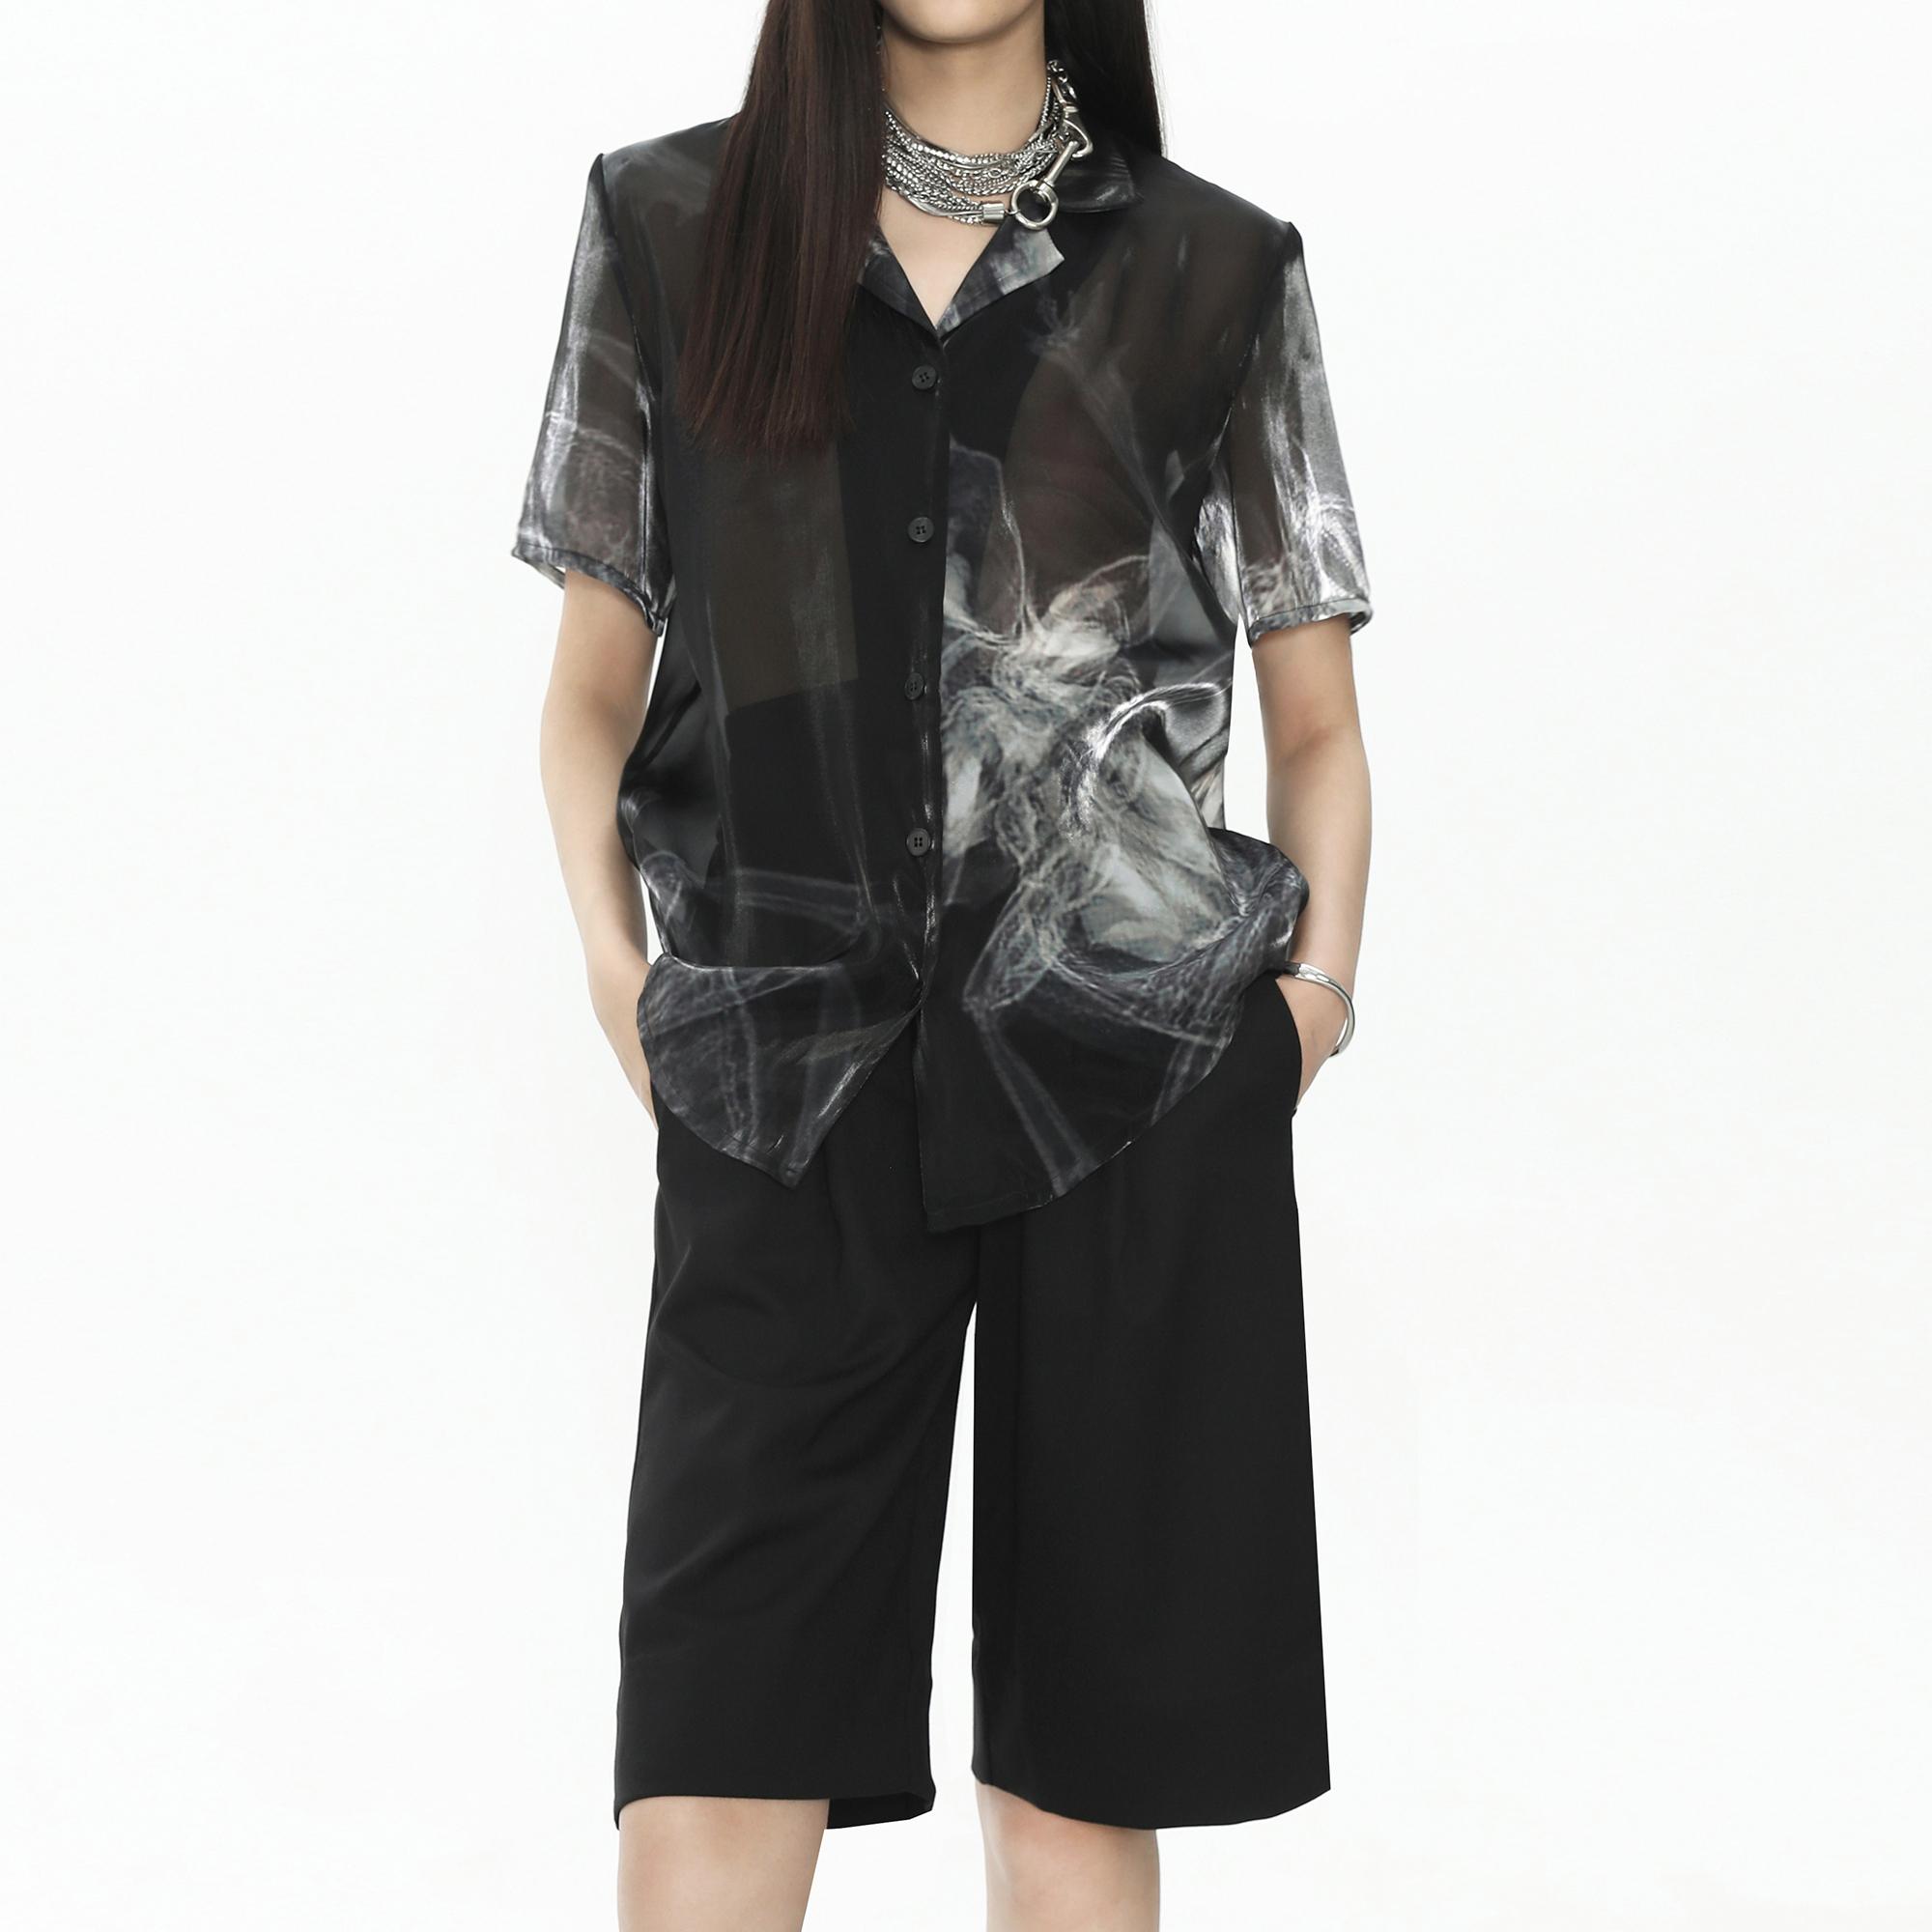 明天藝術家TOMORE ARTIST SS21昆虫印花半透廓形短袖衬衫